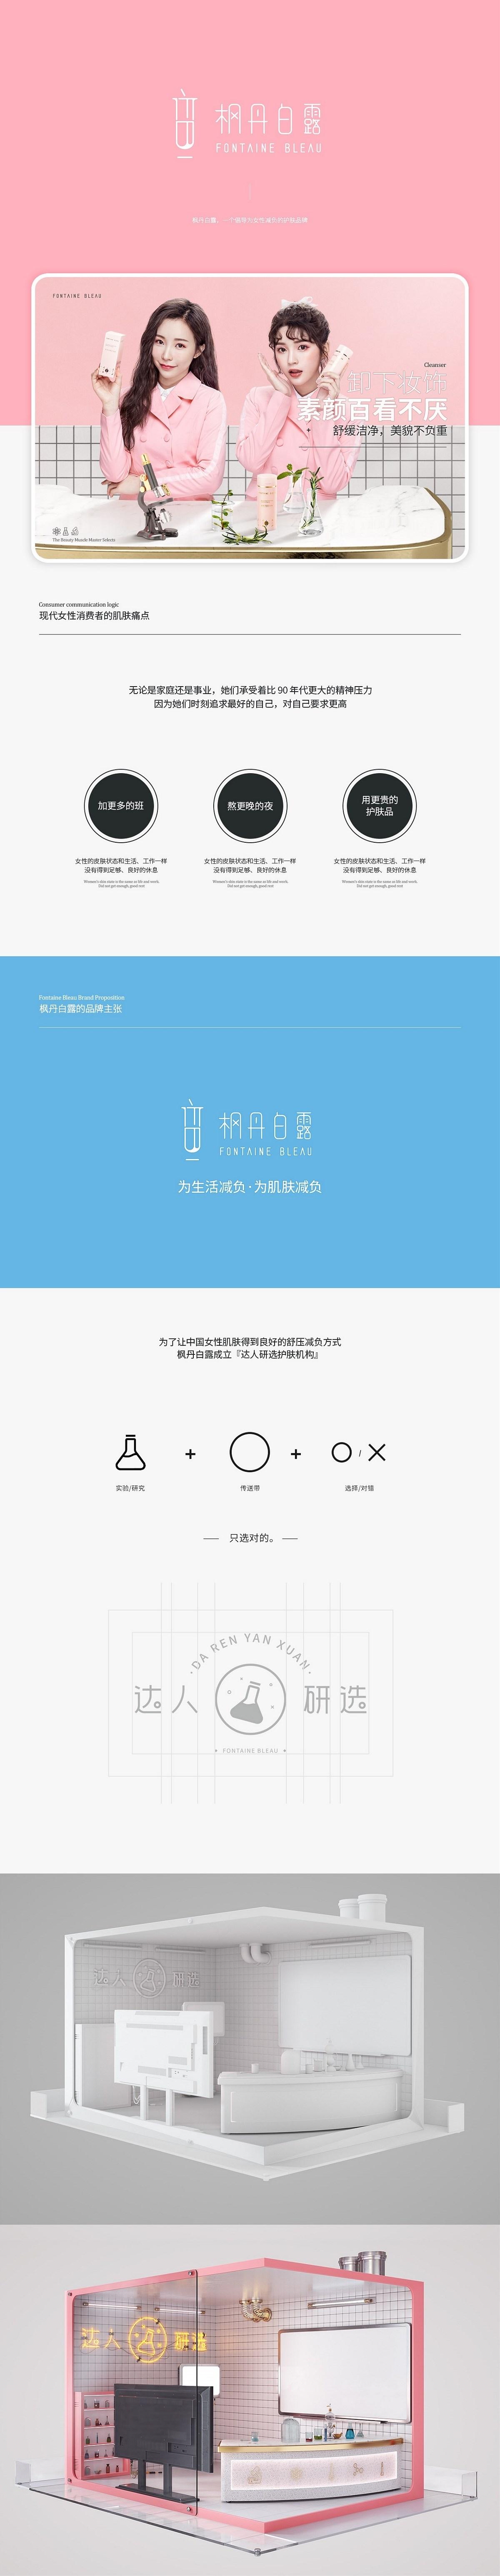 枫丹白露护肤品牌新视觉策略分享【汤臣杰逊】